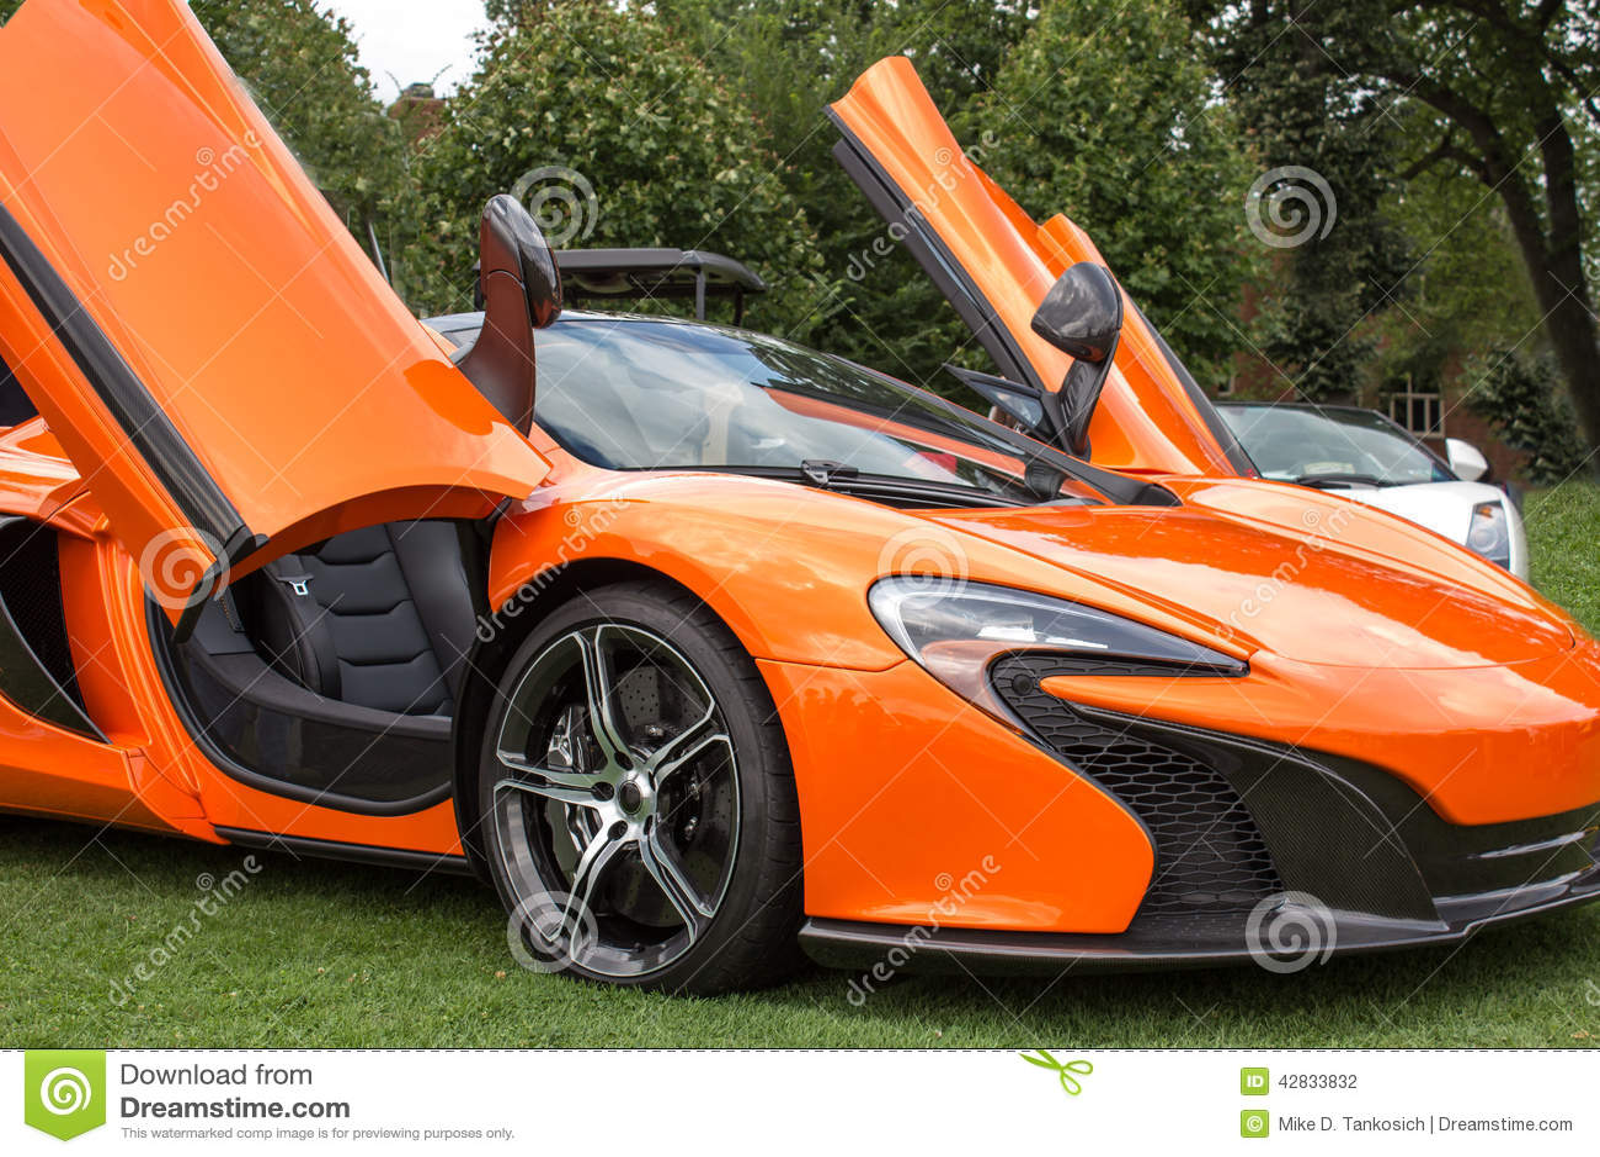 c t droit orange de voiture de sport photo stock image. Black Bedroom Furniture Sets. Home Design Ideas